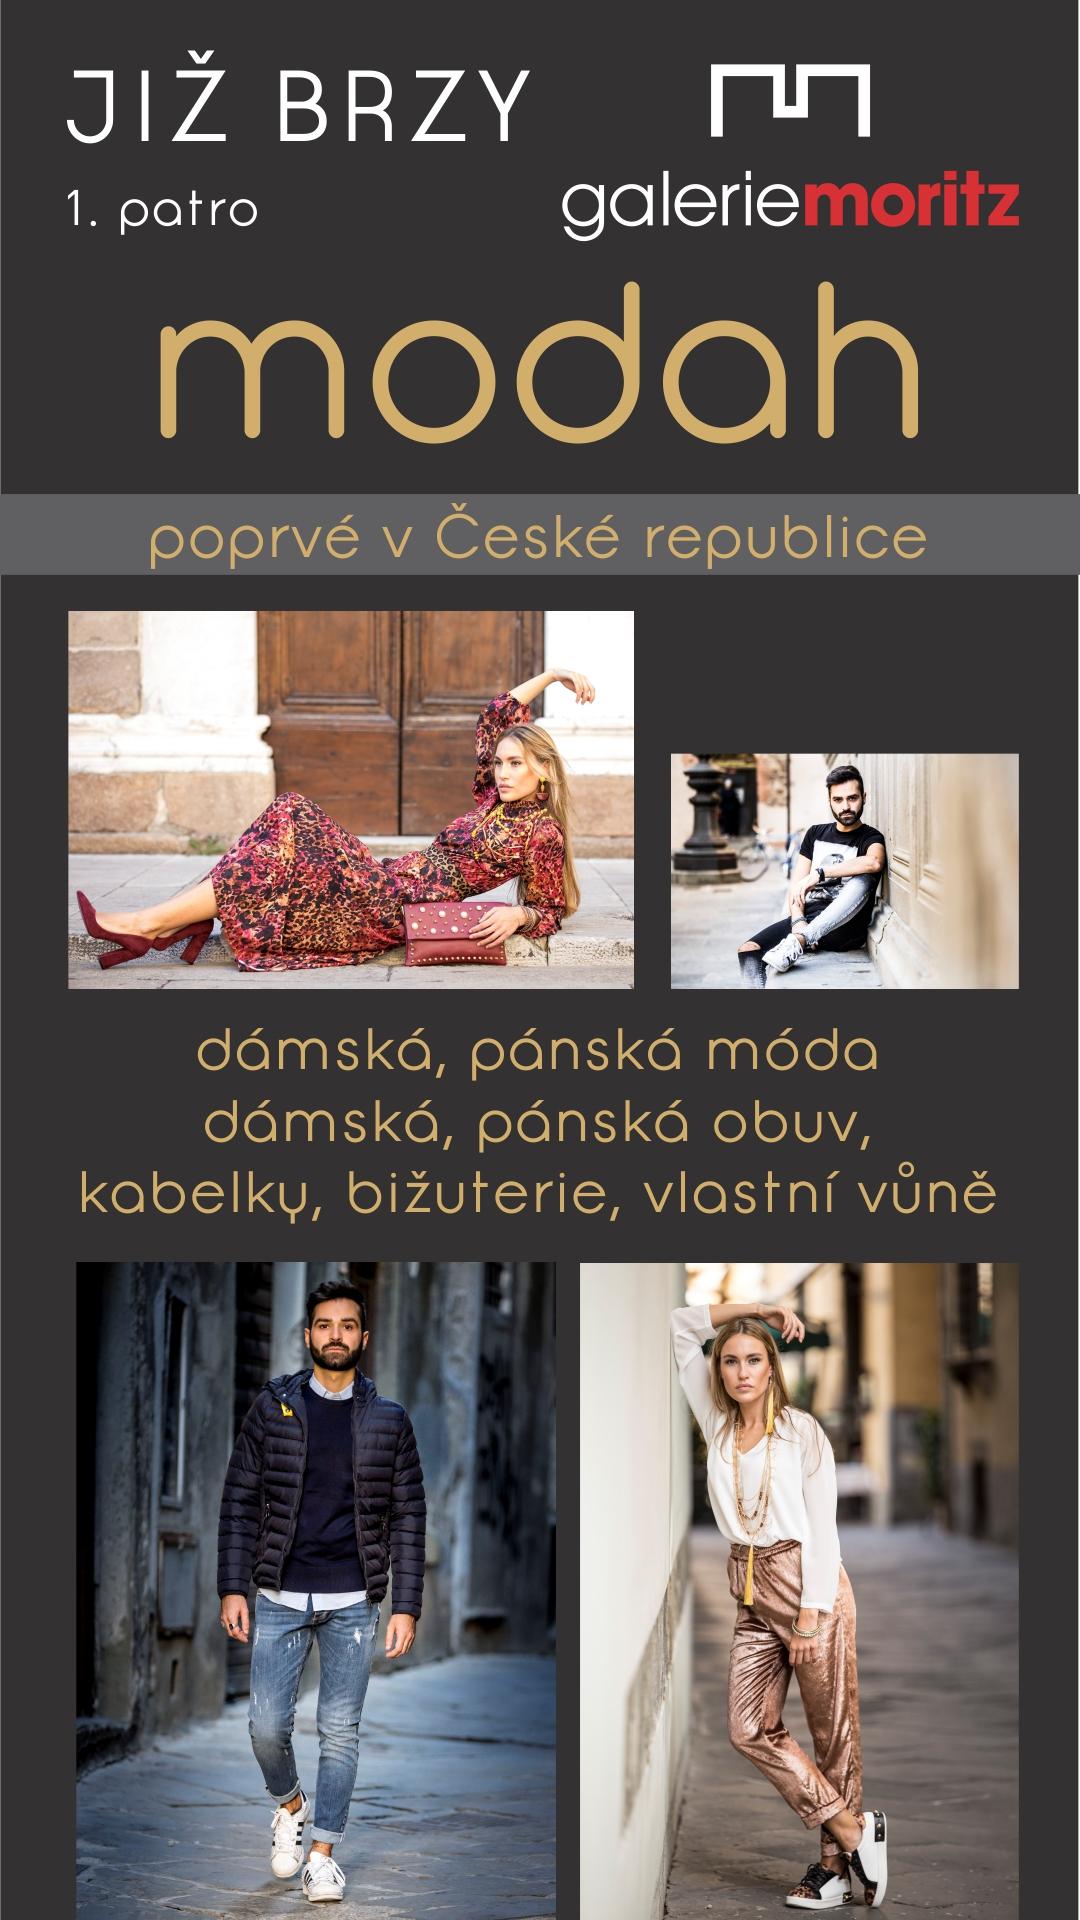 ef2481f044f Již brzy pro vás v Galerii Moritz v 1. patře otevřeme novou prodejnu Modah!  Můžete se těšit na dámskou a pánskou módu a obuv ...